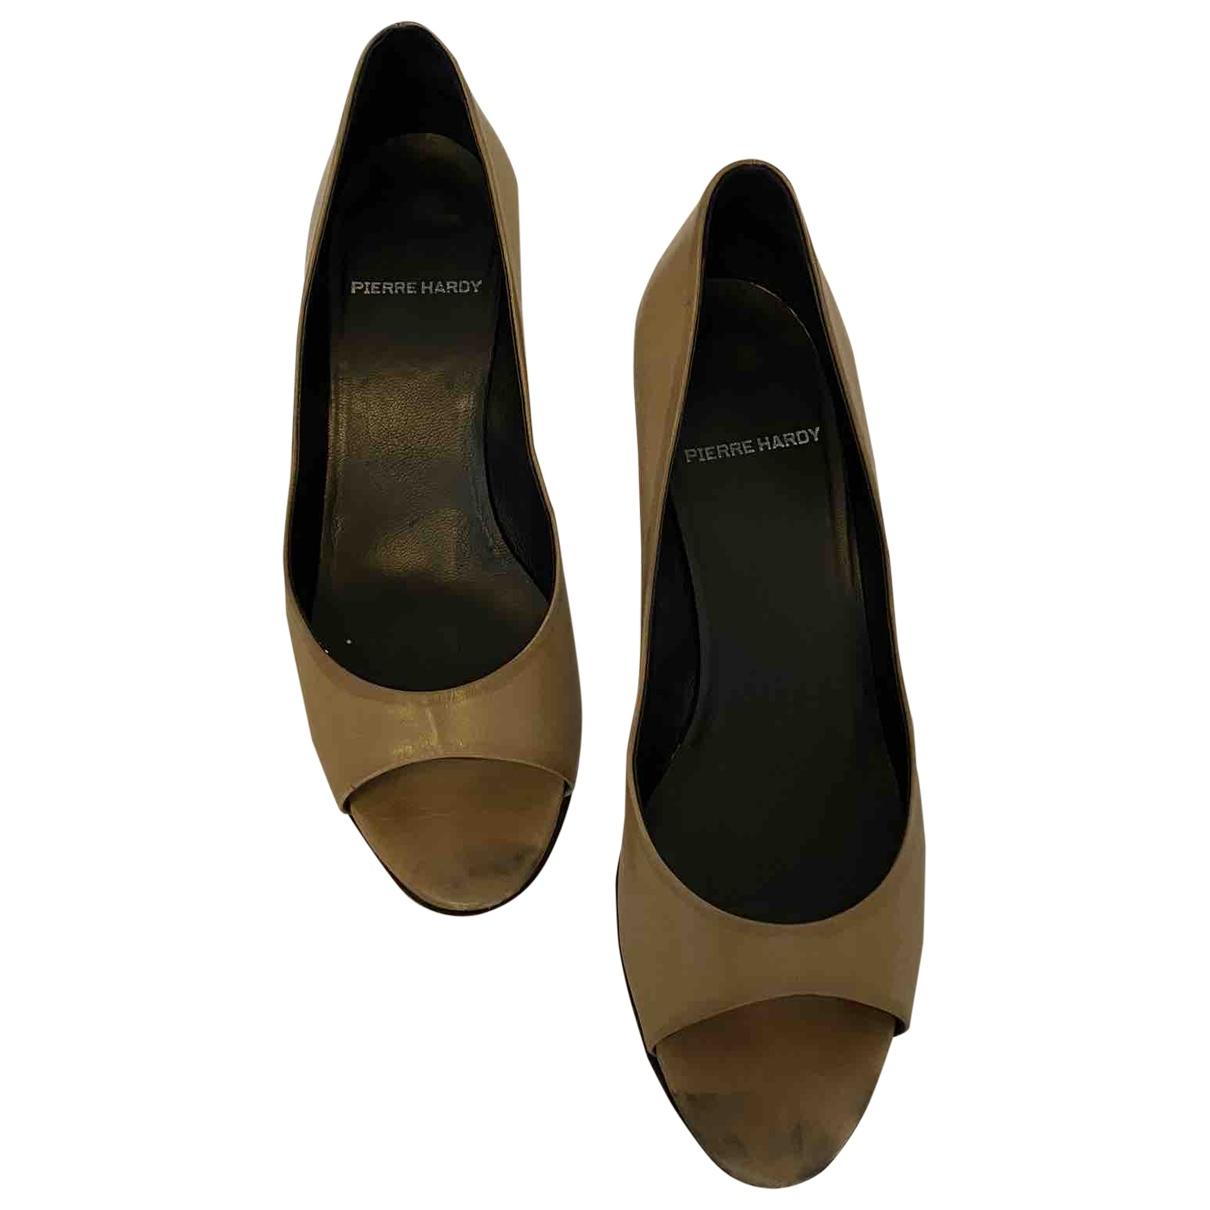 Pierre Hardy N Beige Leather Heels for Women 38.5 EU